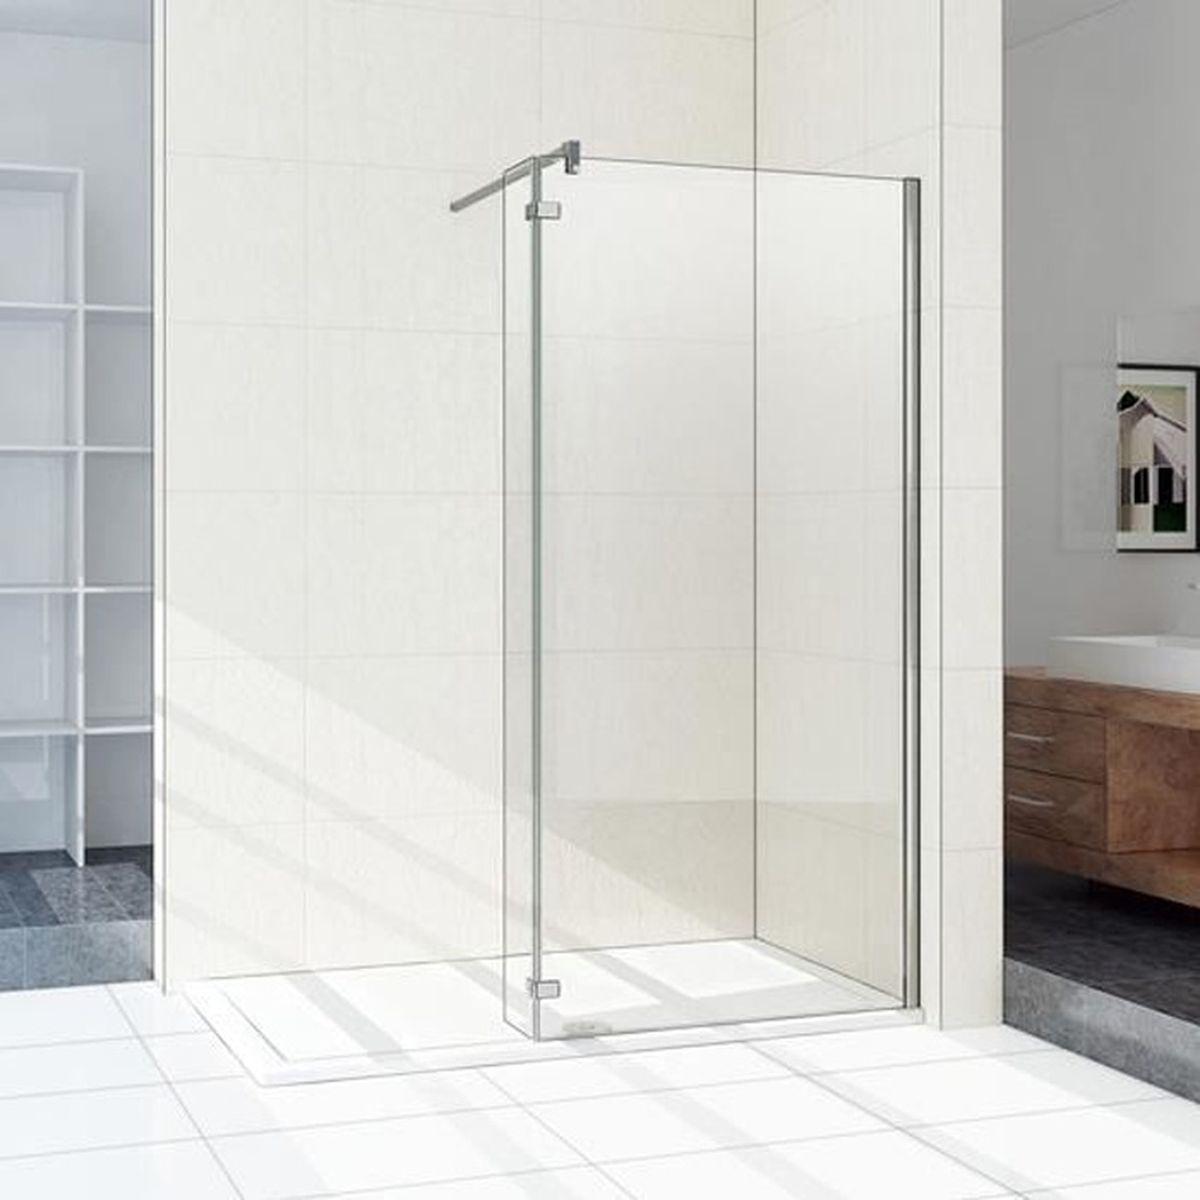 paroi de douche fixe 100 finest paroi de douche fixe leda. Black Bedroom Furniture Sets. Home Design Ideas